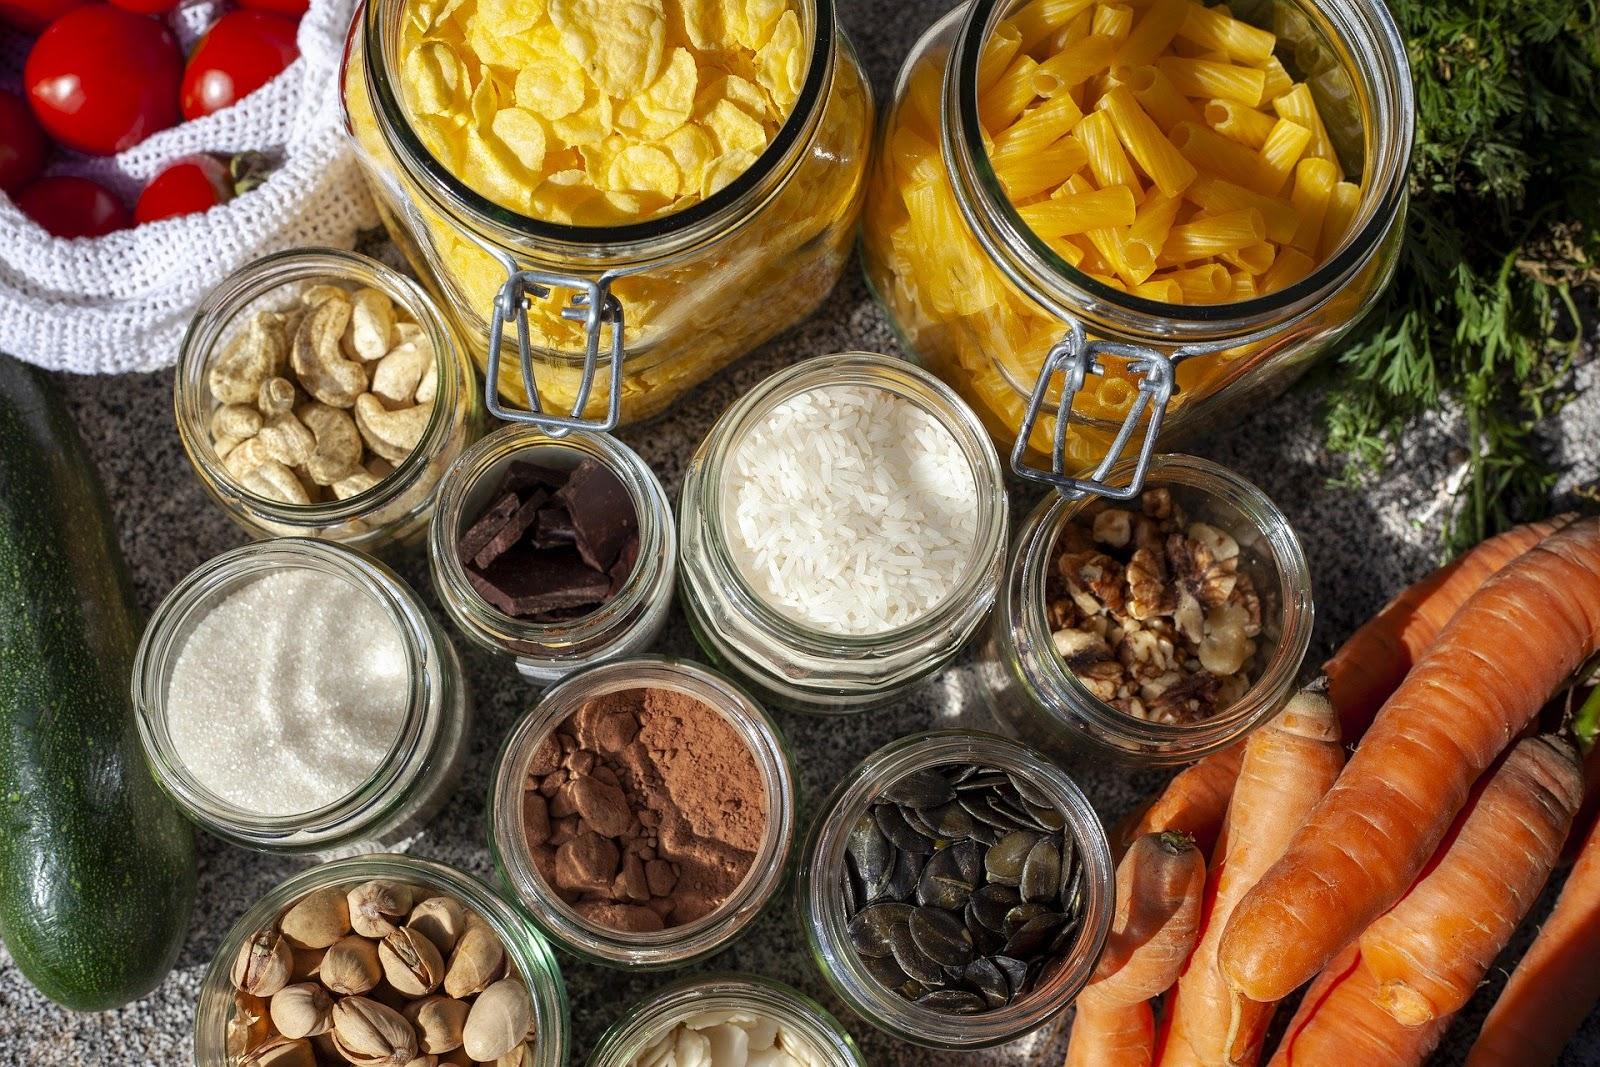 Bocaux d'ingrédients secs et légumes en vrac, au retour des courses zéro déchet